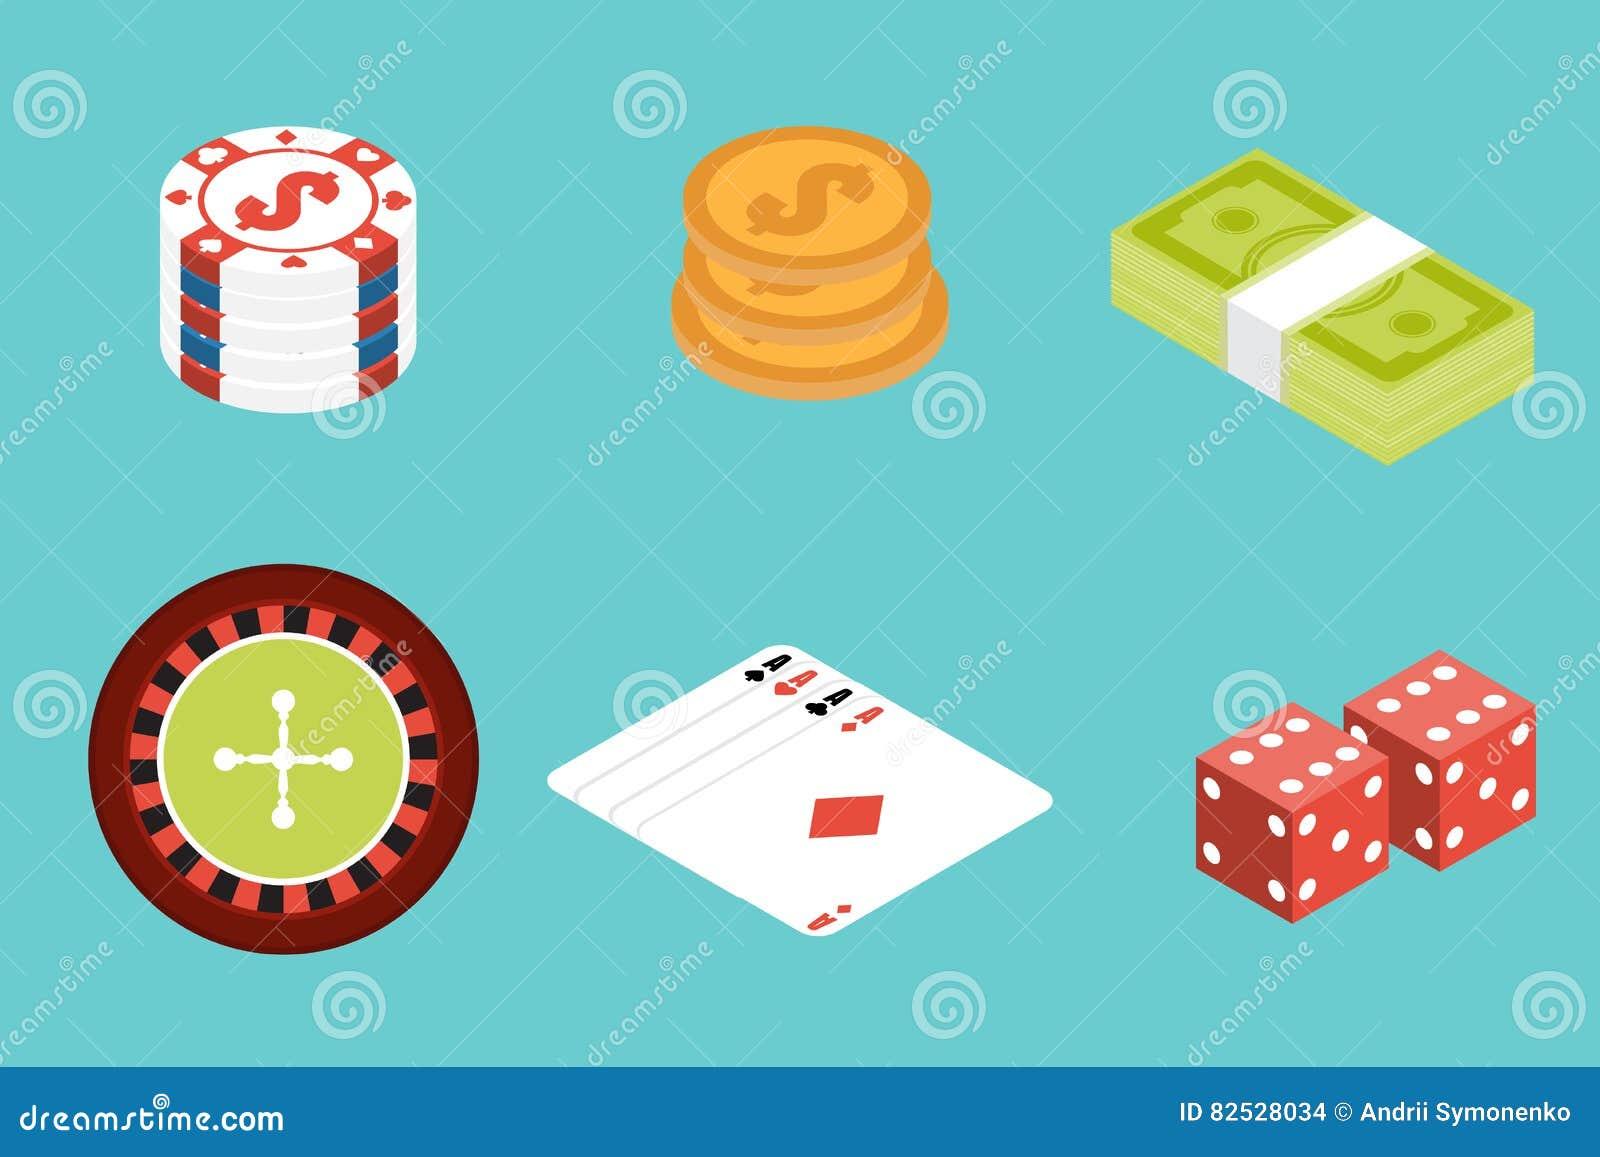 Азартные игры на комп играть онлайн игровые автоматы бесплатно пирамиды